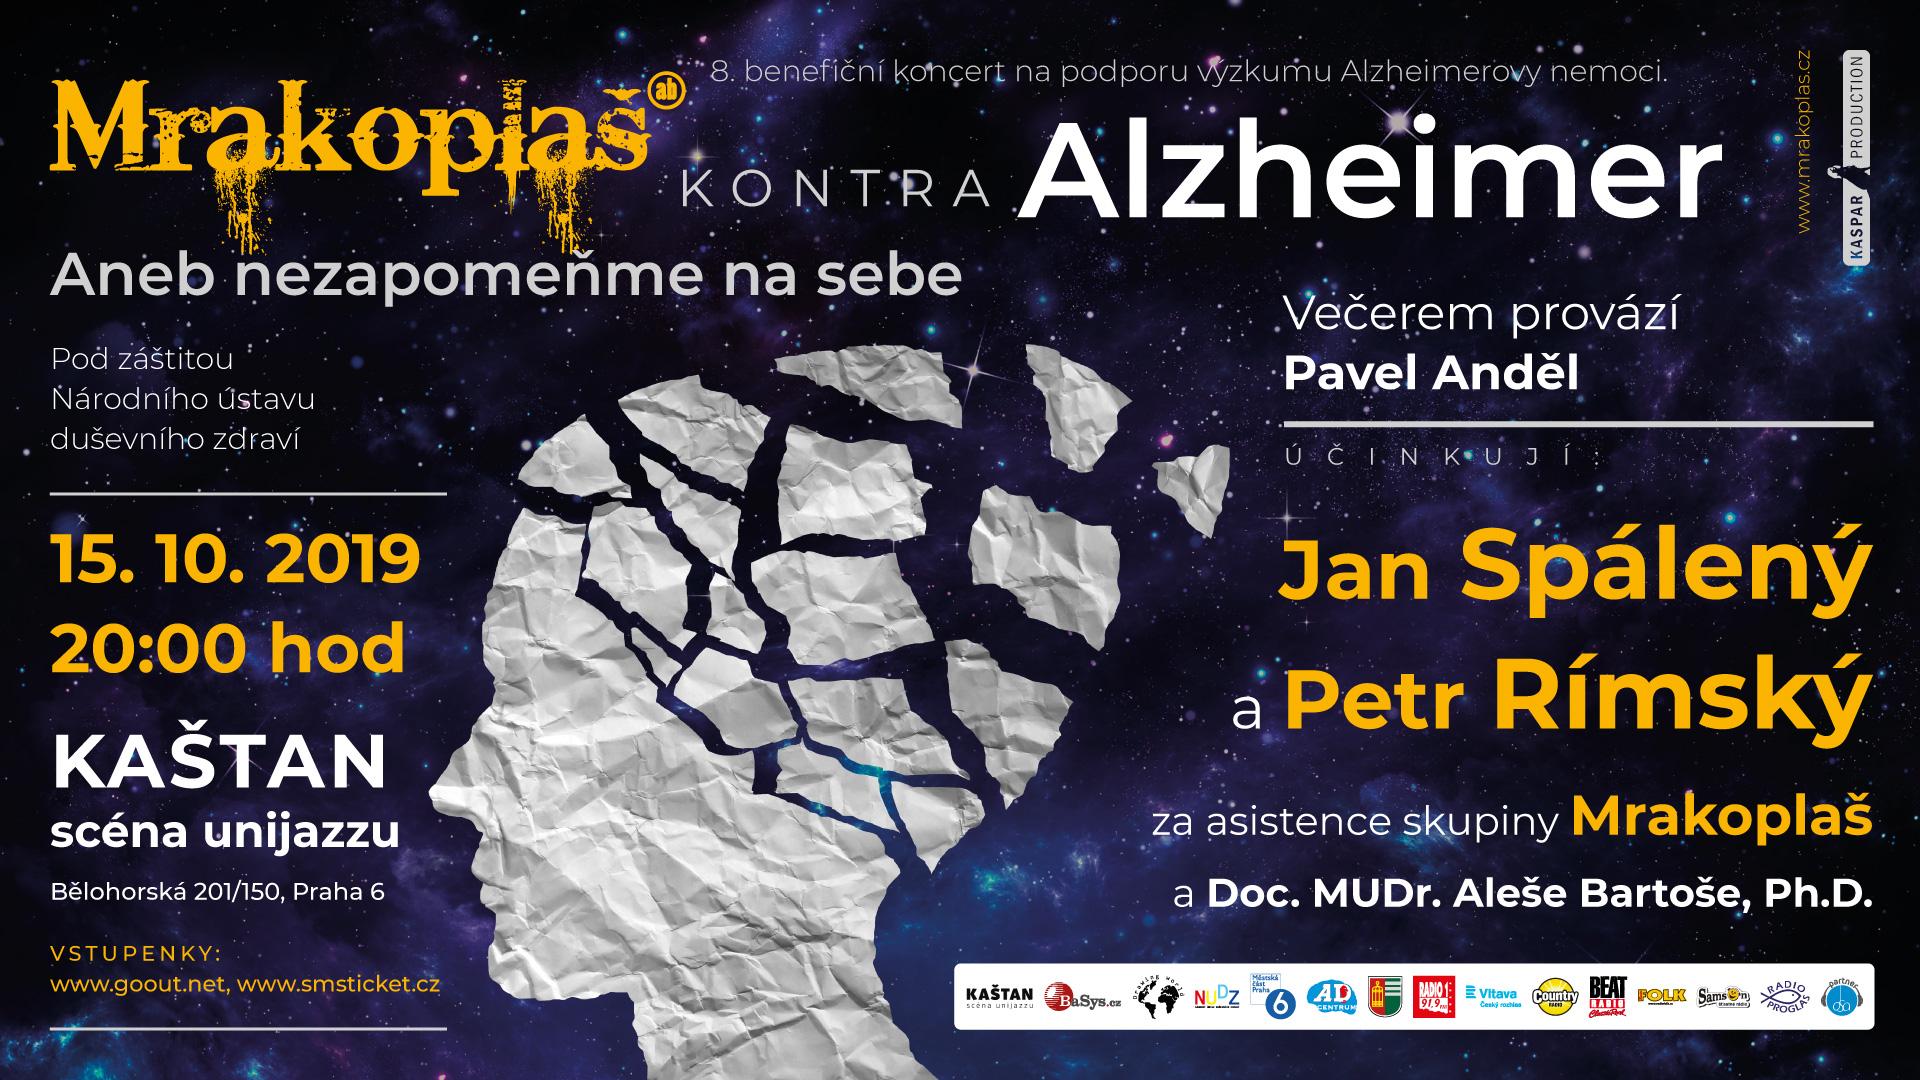 Benefiční koncert Mrakoplaš kontra Alzheimer 2019